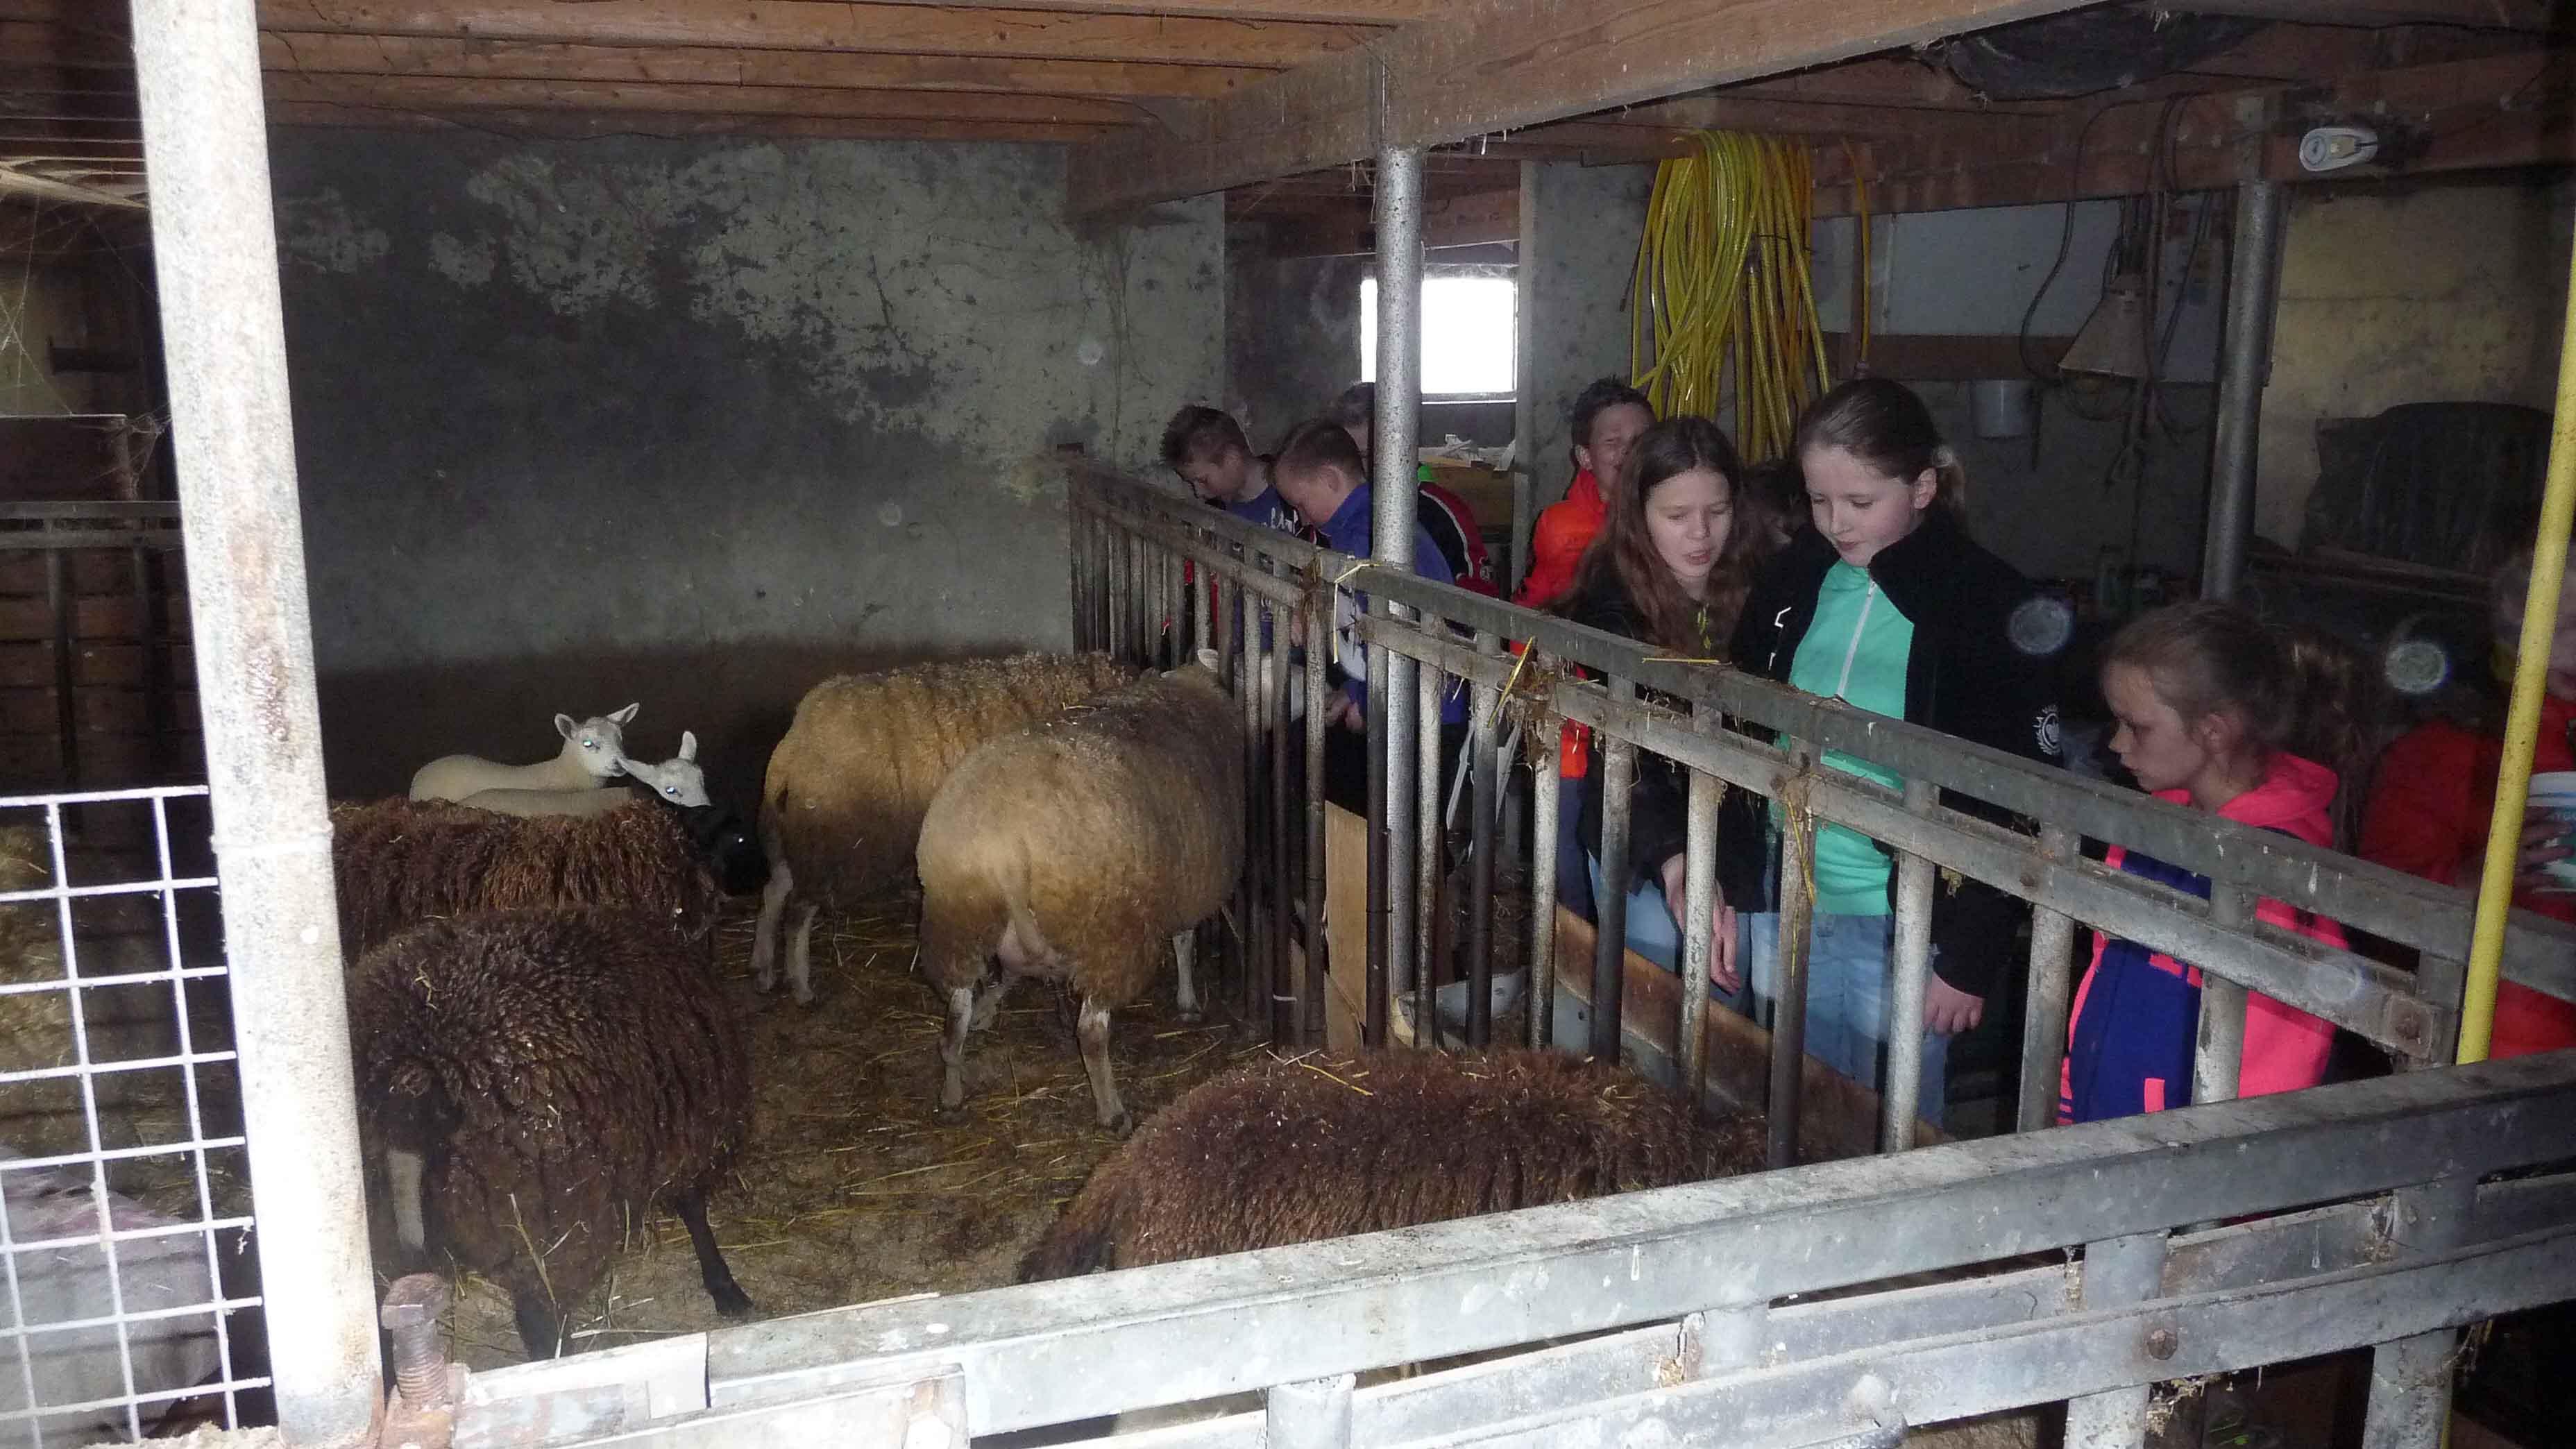 De schapen en lammetjes worden bewonderd.